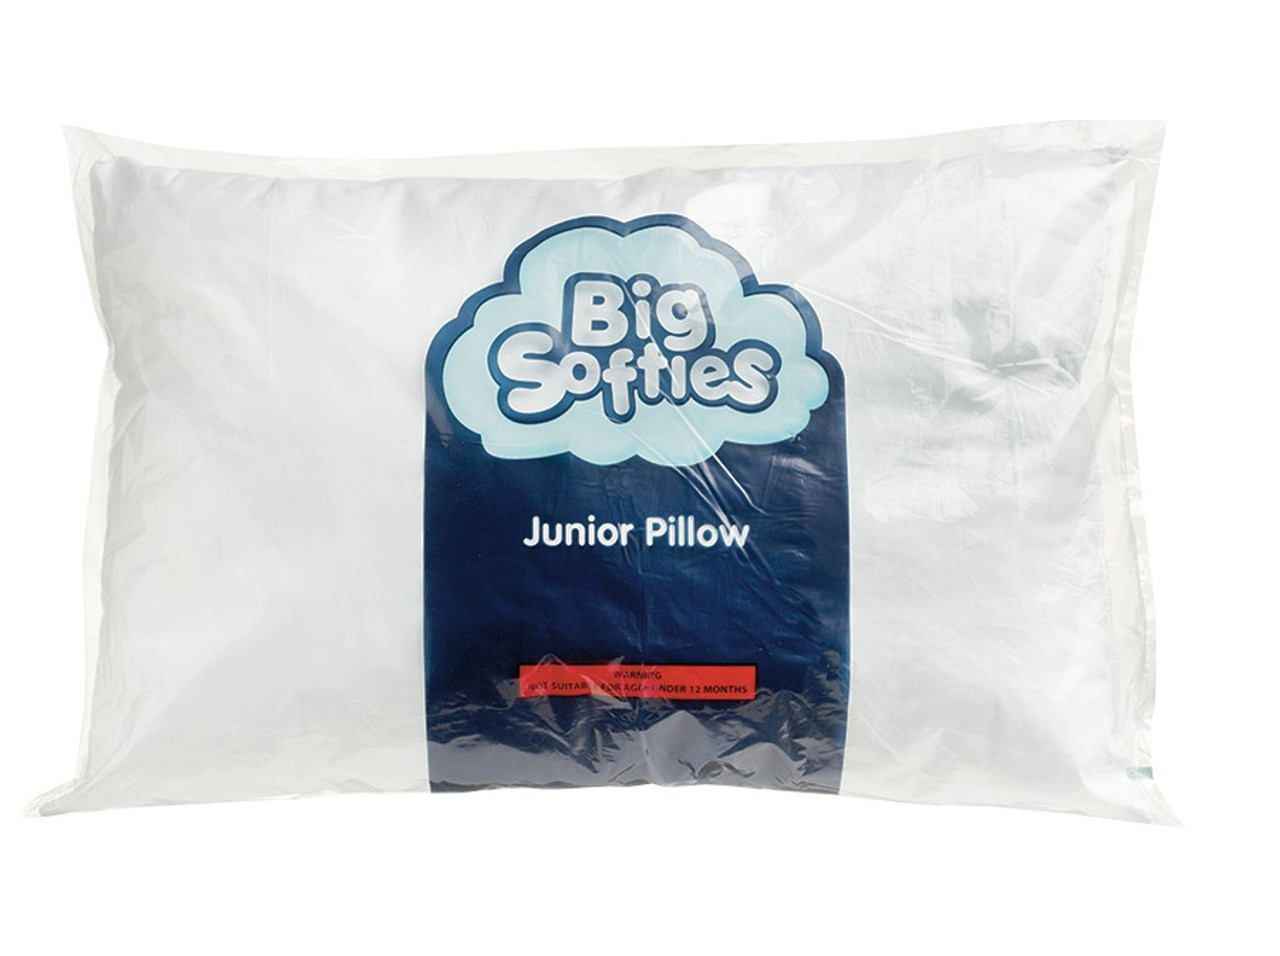 Big Softies Junior Pillow 48 x 35 cm